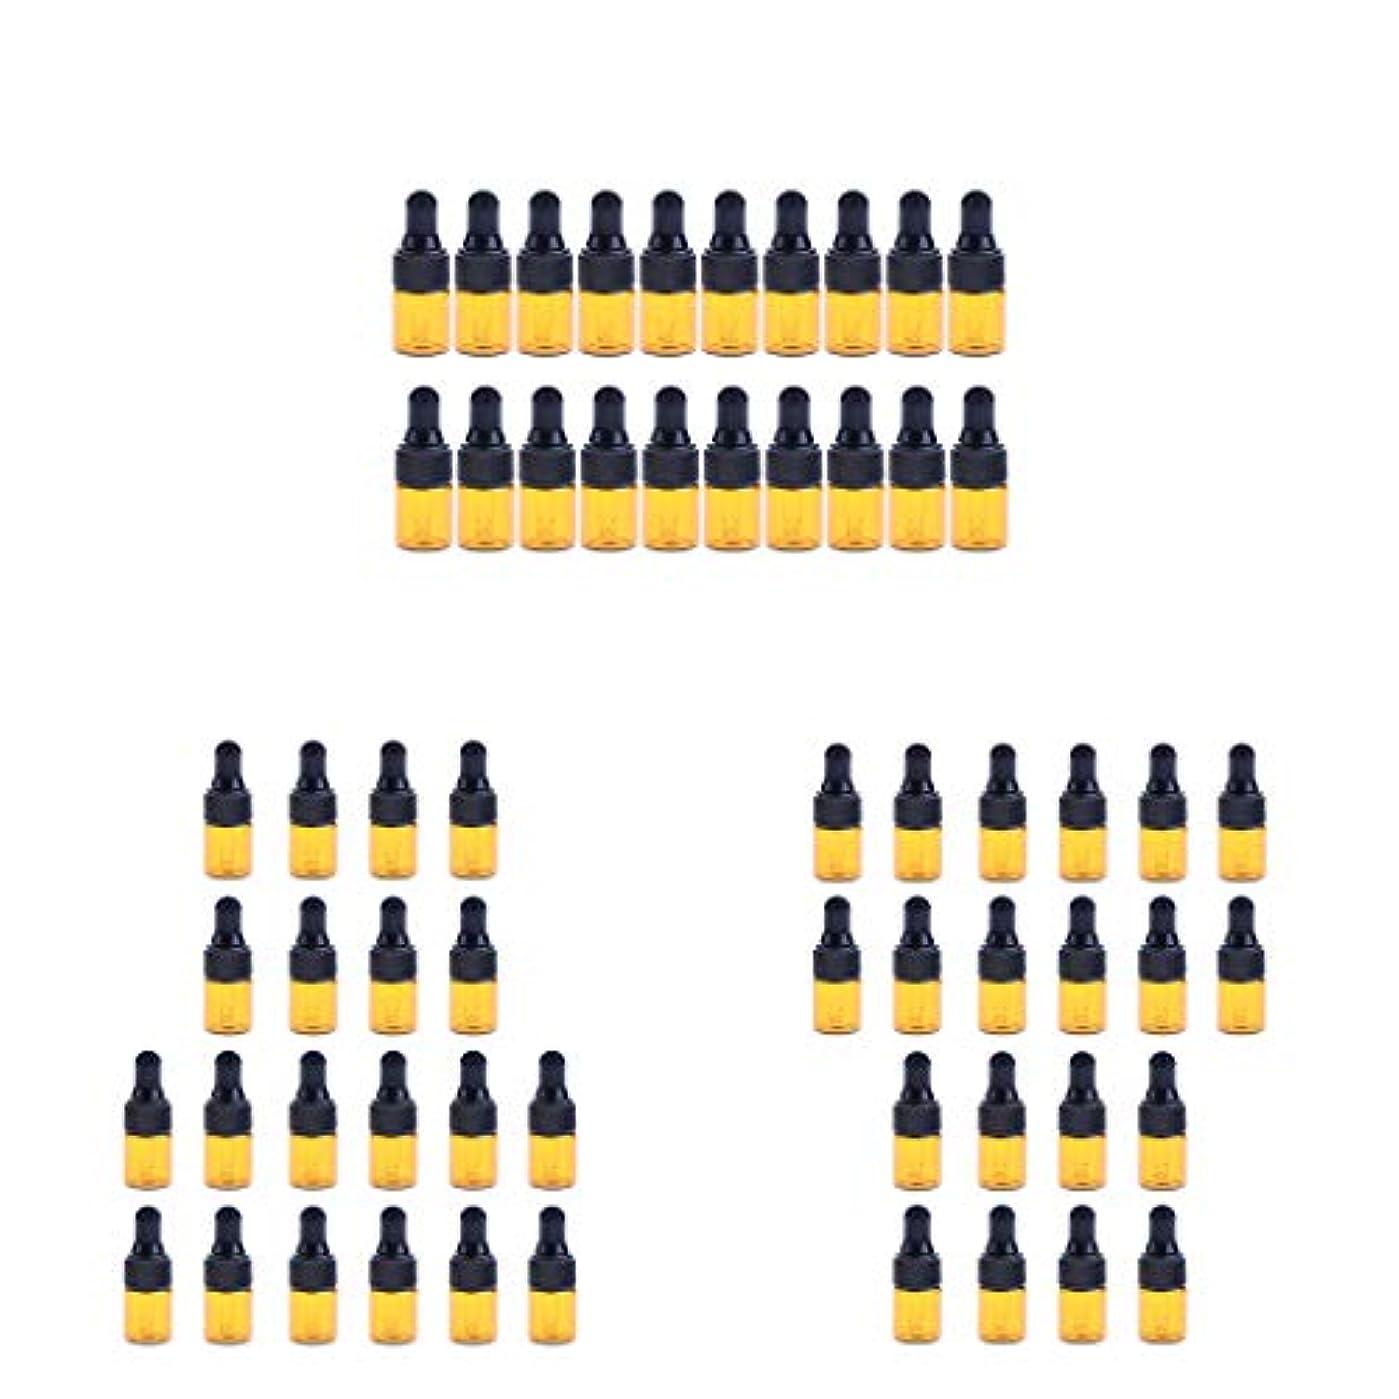 やさしくおいしい定数Hellery エッセンシャルオイル ボトル ガラスボトル スポイト 茶色 遮光ボトル 精油ボトル